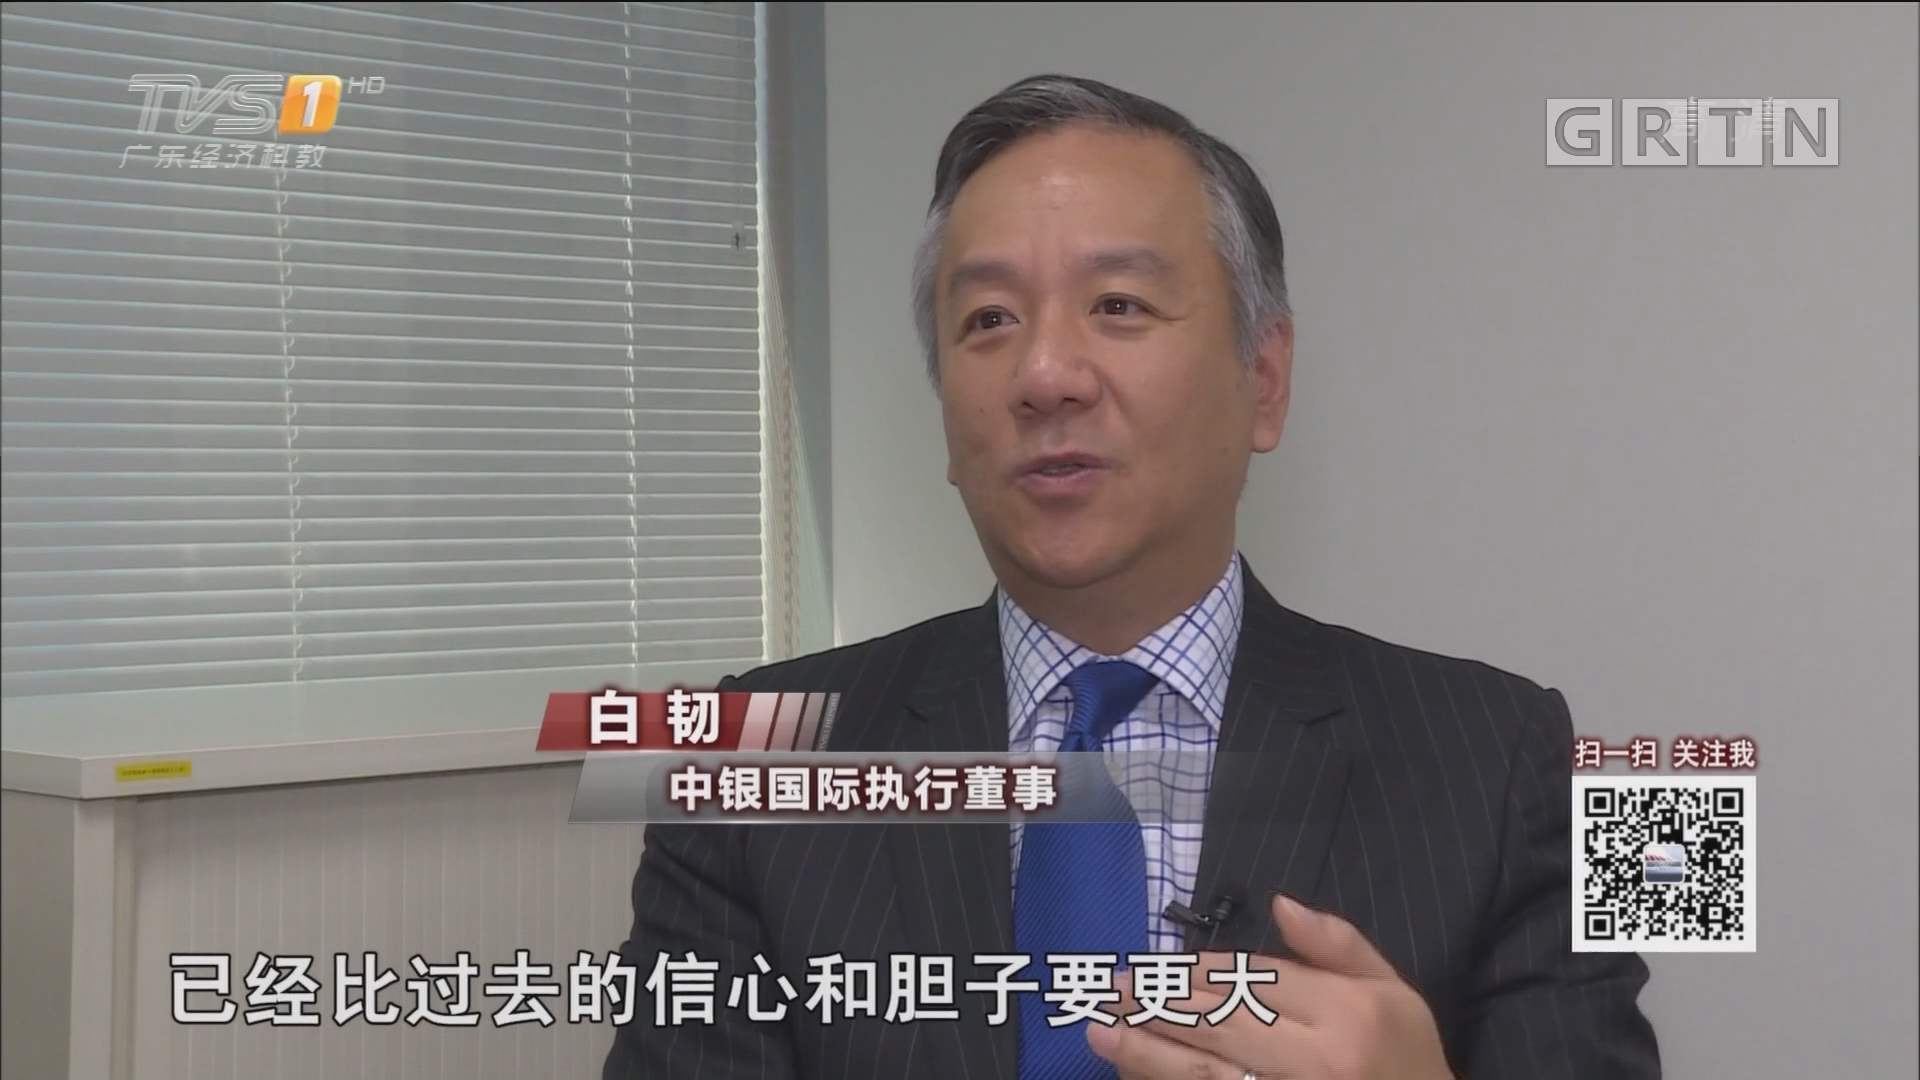 中银国际专家:中国金融市场有更大力度参与国际市场的信心